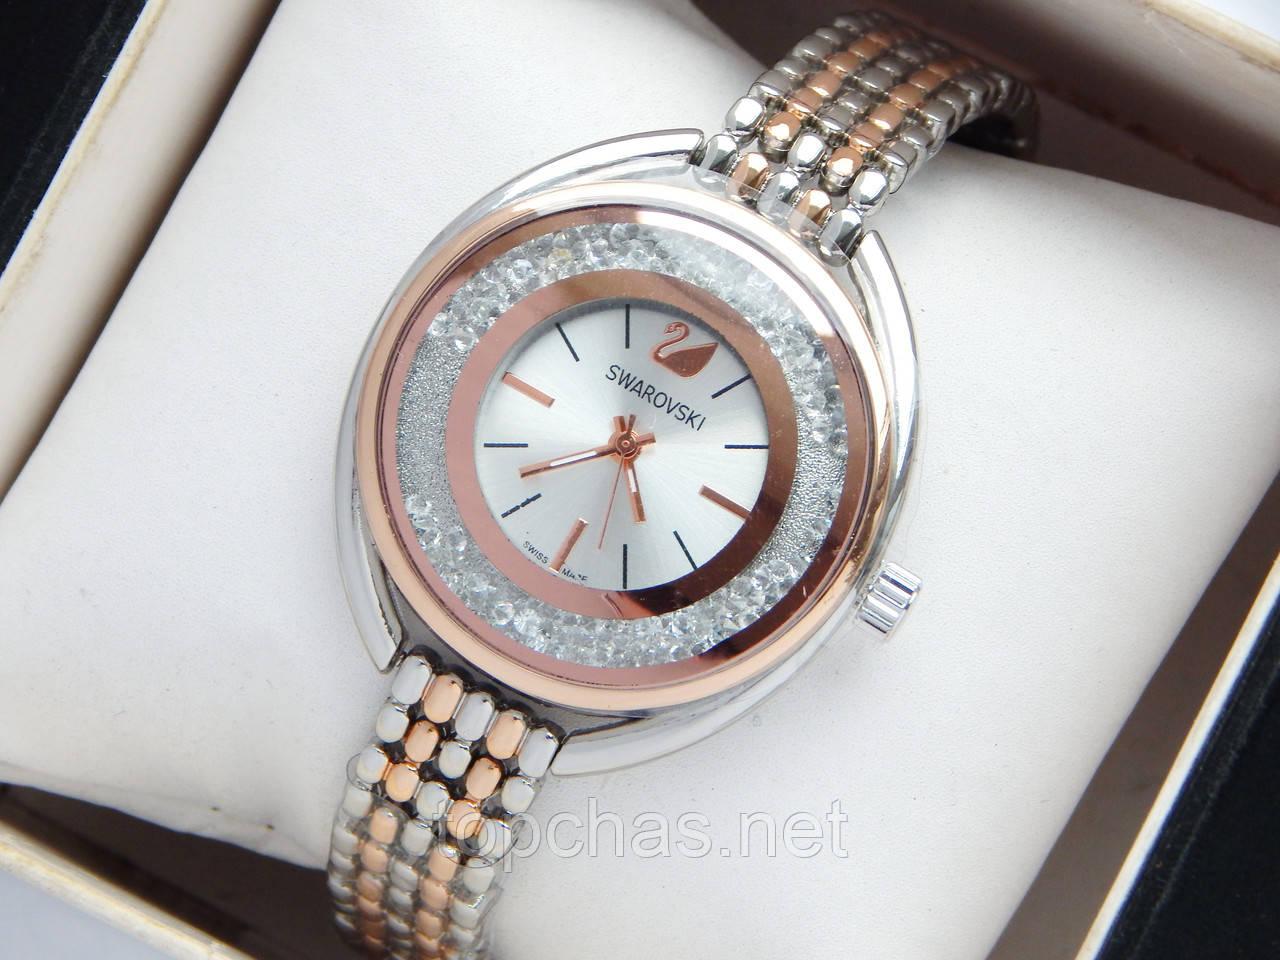 Комбинированные наручные часы купить в js watch часы купить в